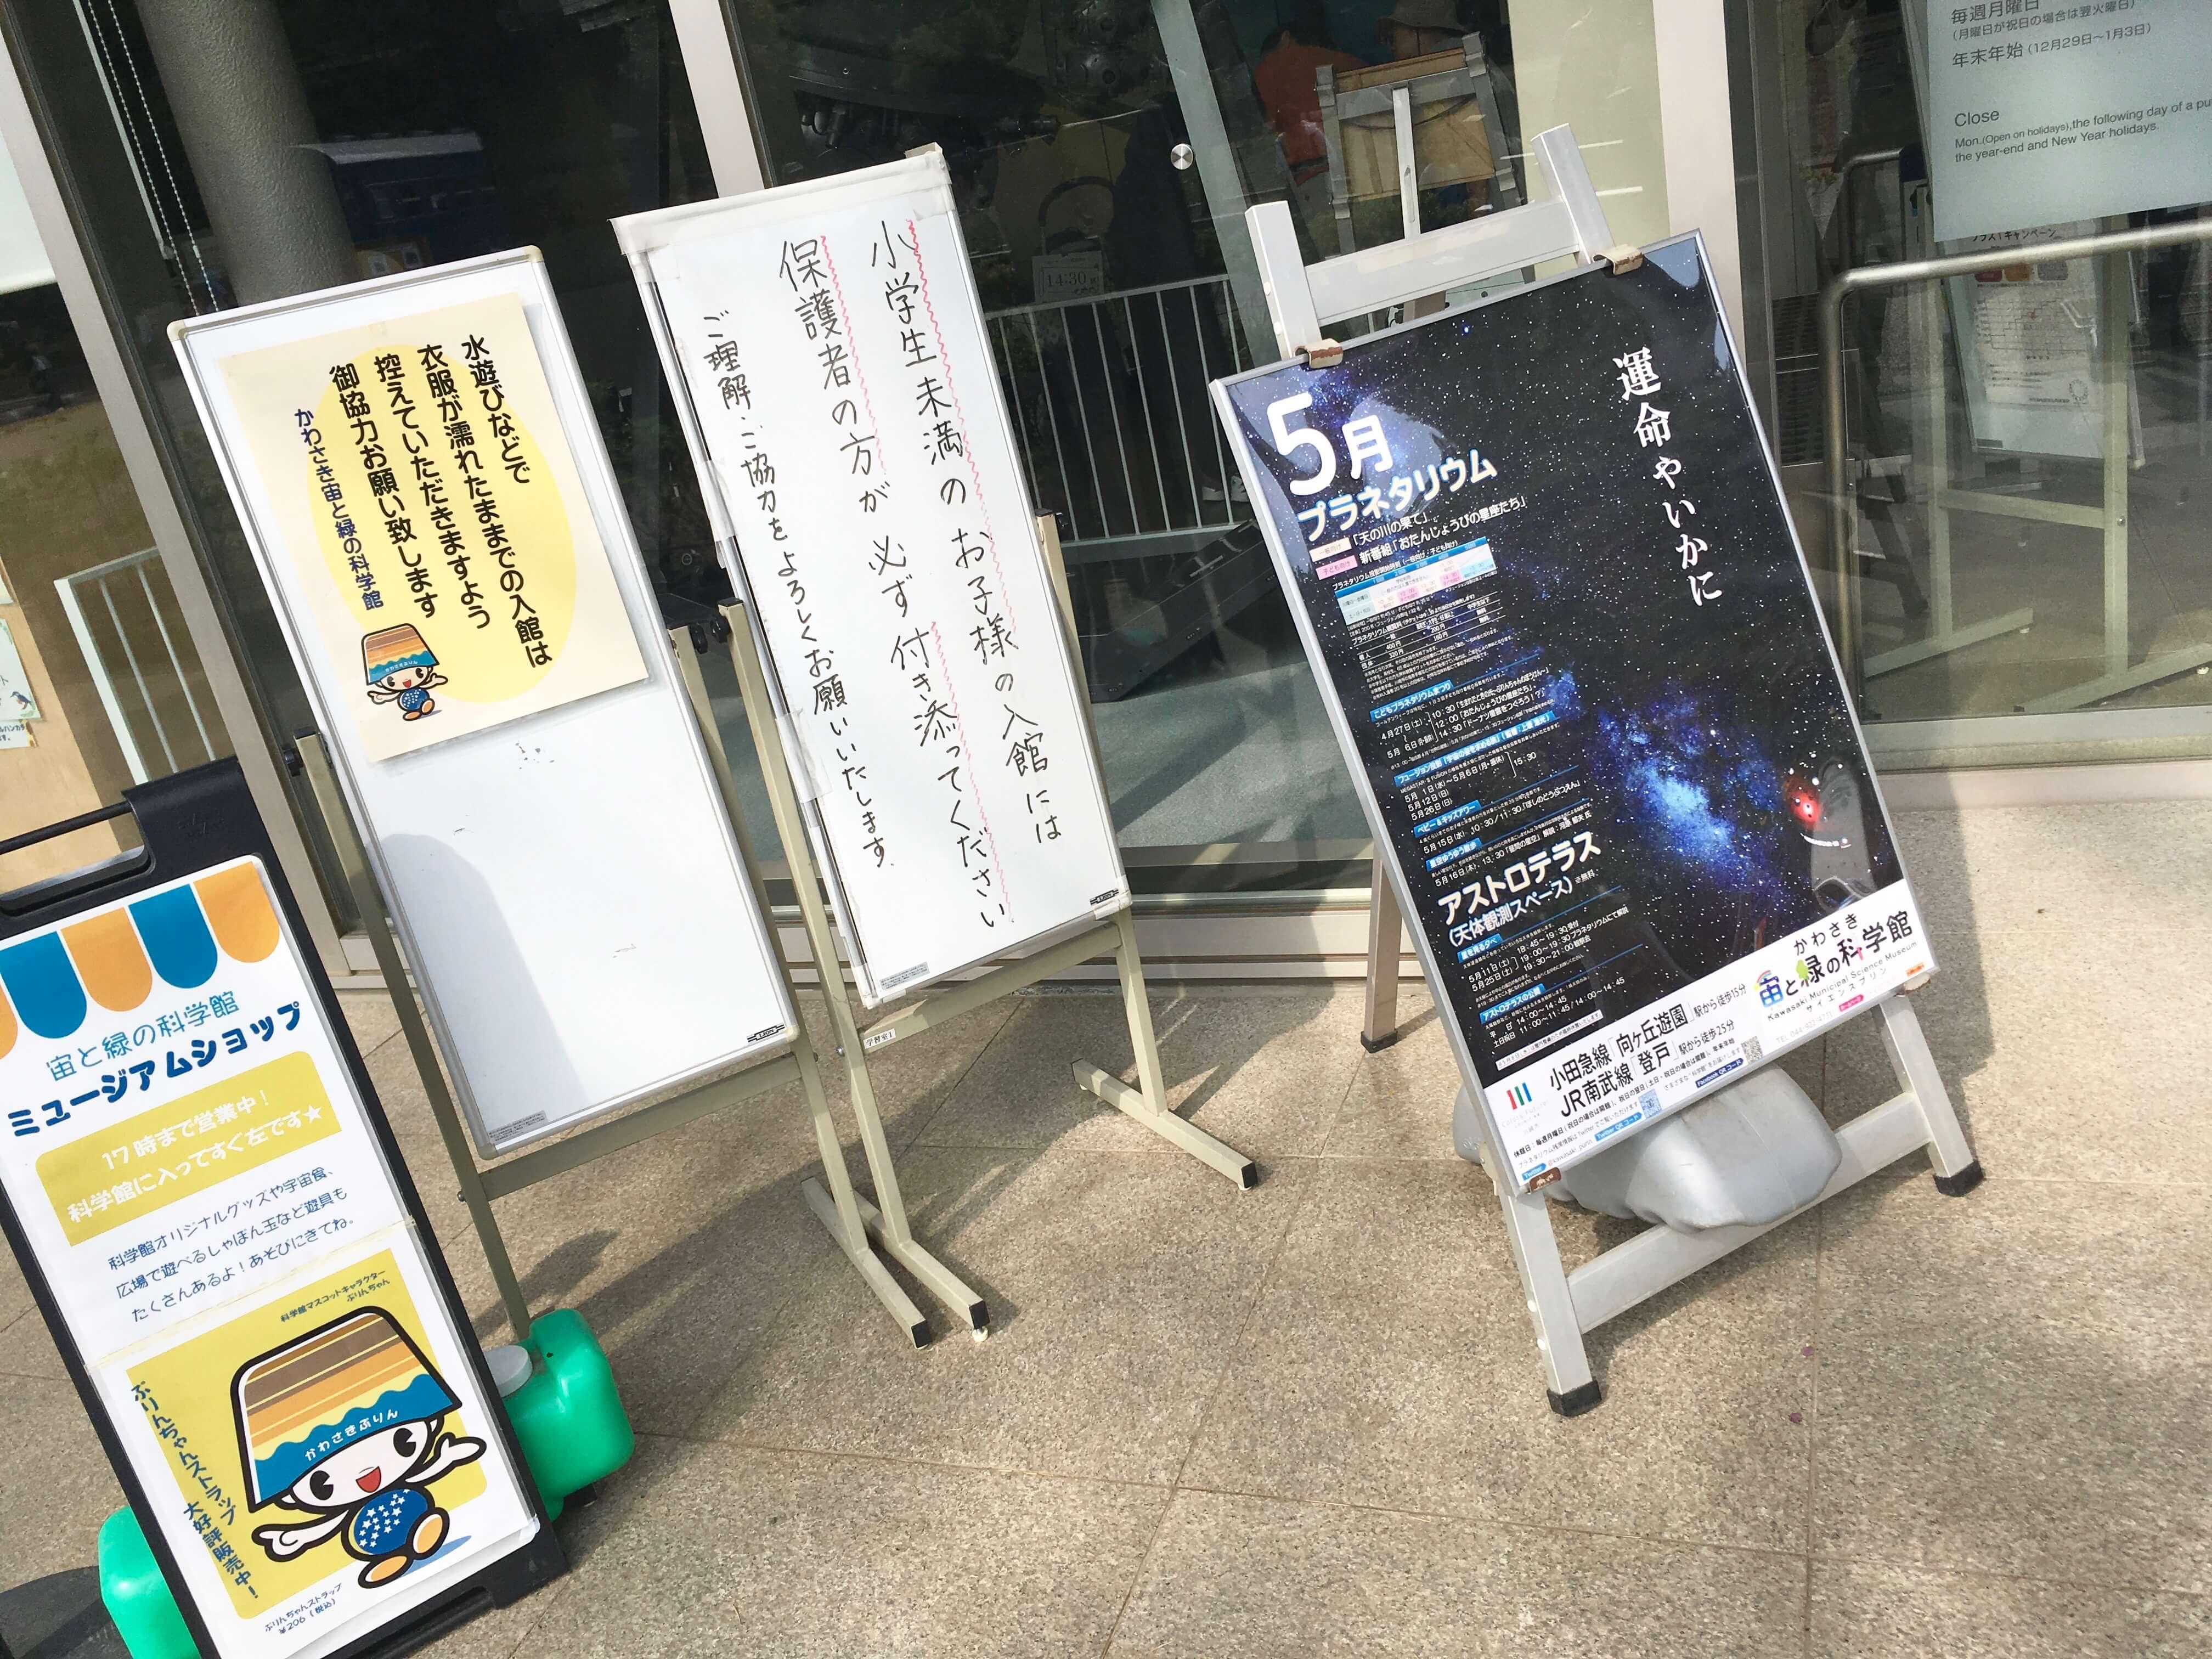 生田緑地 プラネタリウム プログラム